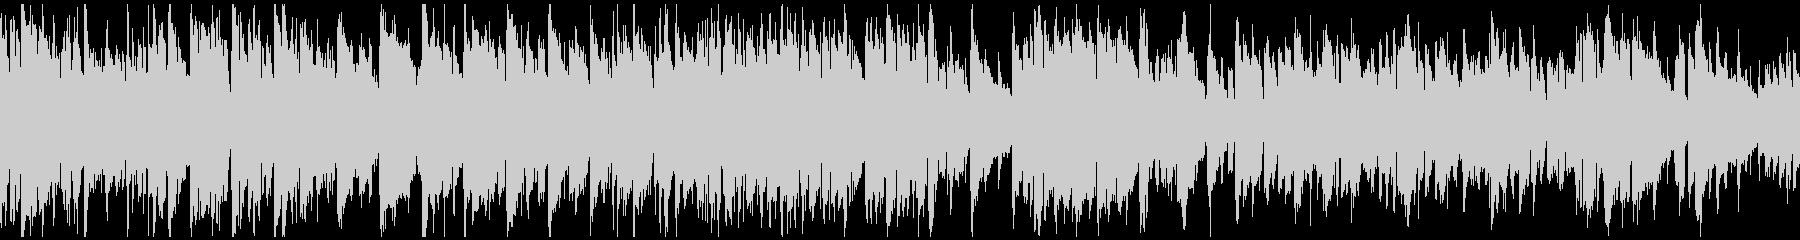 スマートな現代的ジャズ ※ループ仕様版の未再生の波形